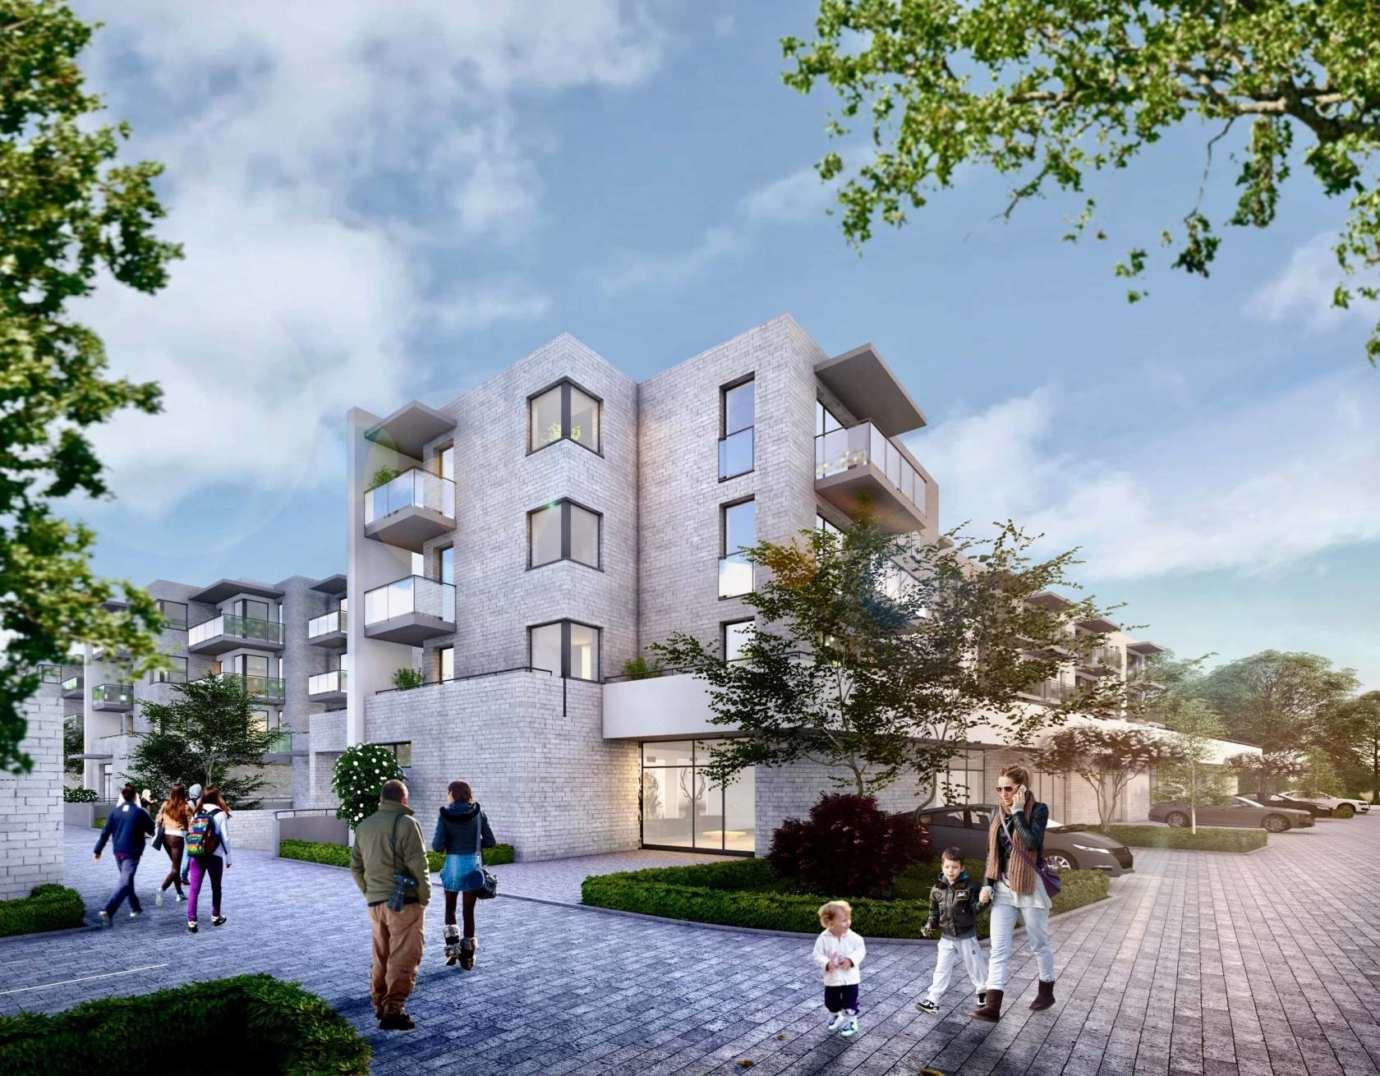 zam lipska 3 2 Nowe atrakcyjne mieszkania już w sprzedaży